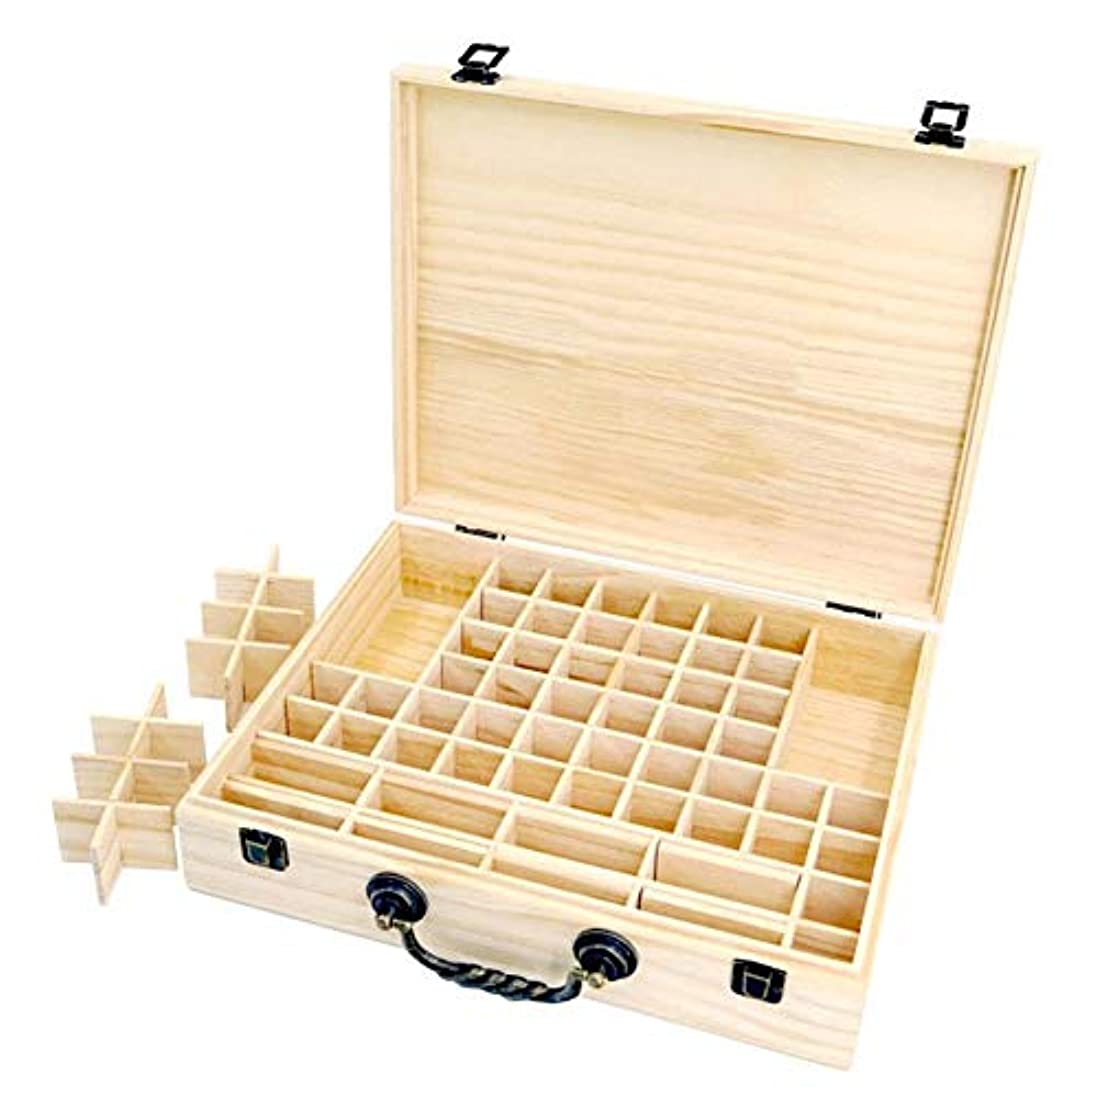 悪い決定知事エッセンシャルオイル収納ボックス 純木の精油の収納箱 香水収納ケース アロマオイル収納ボックス 70本用